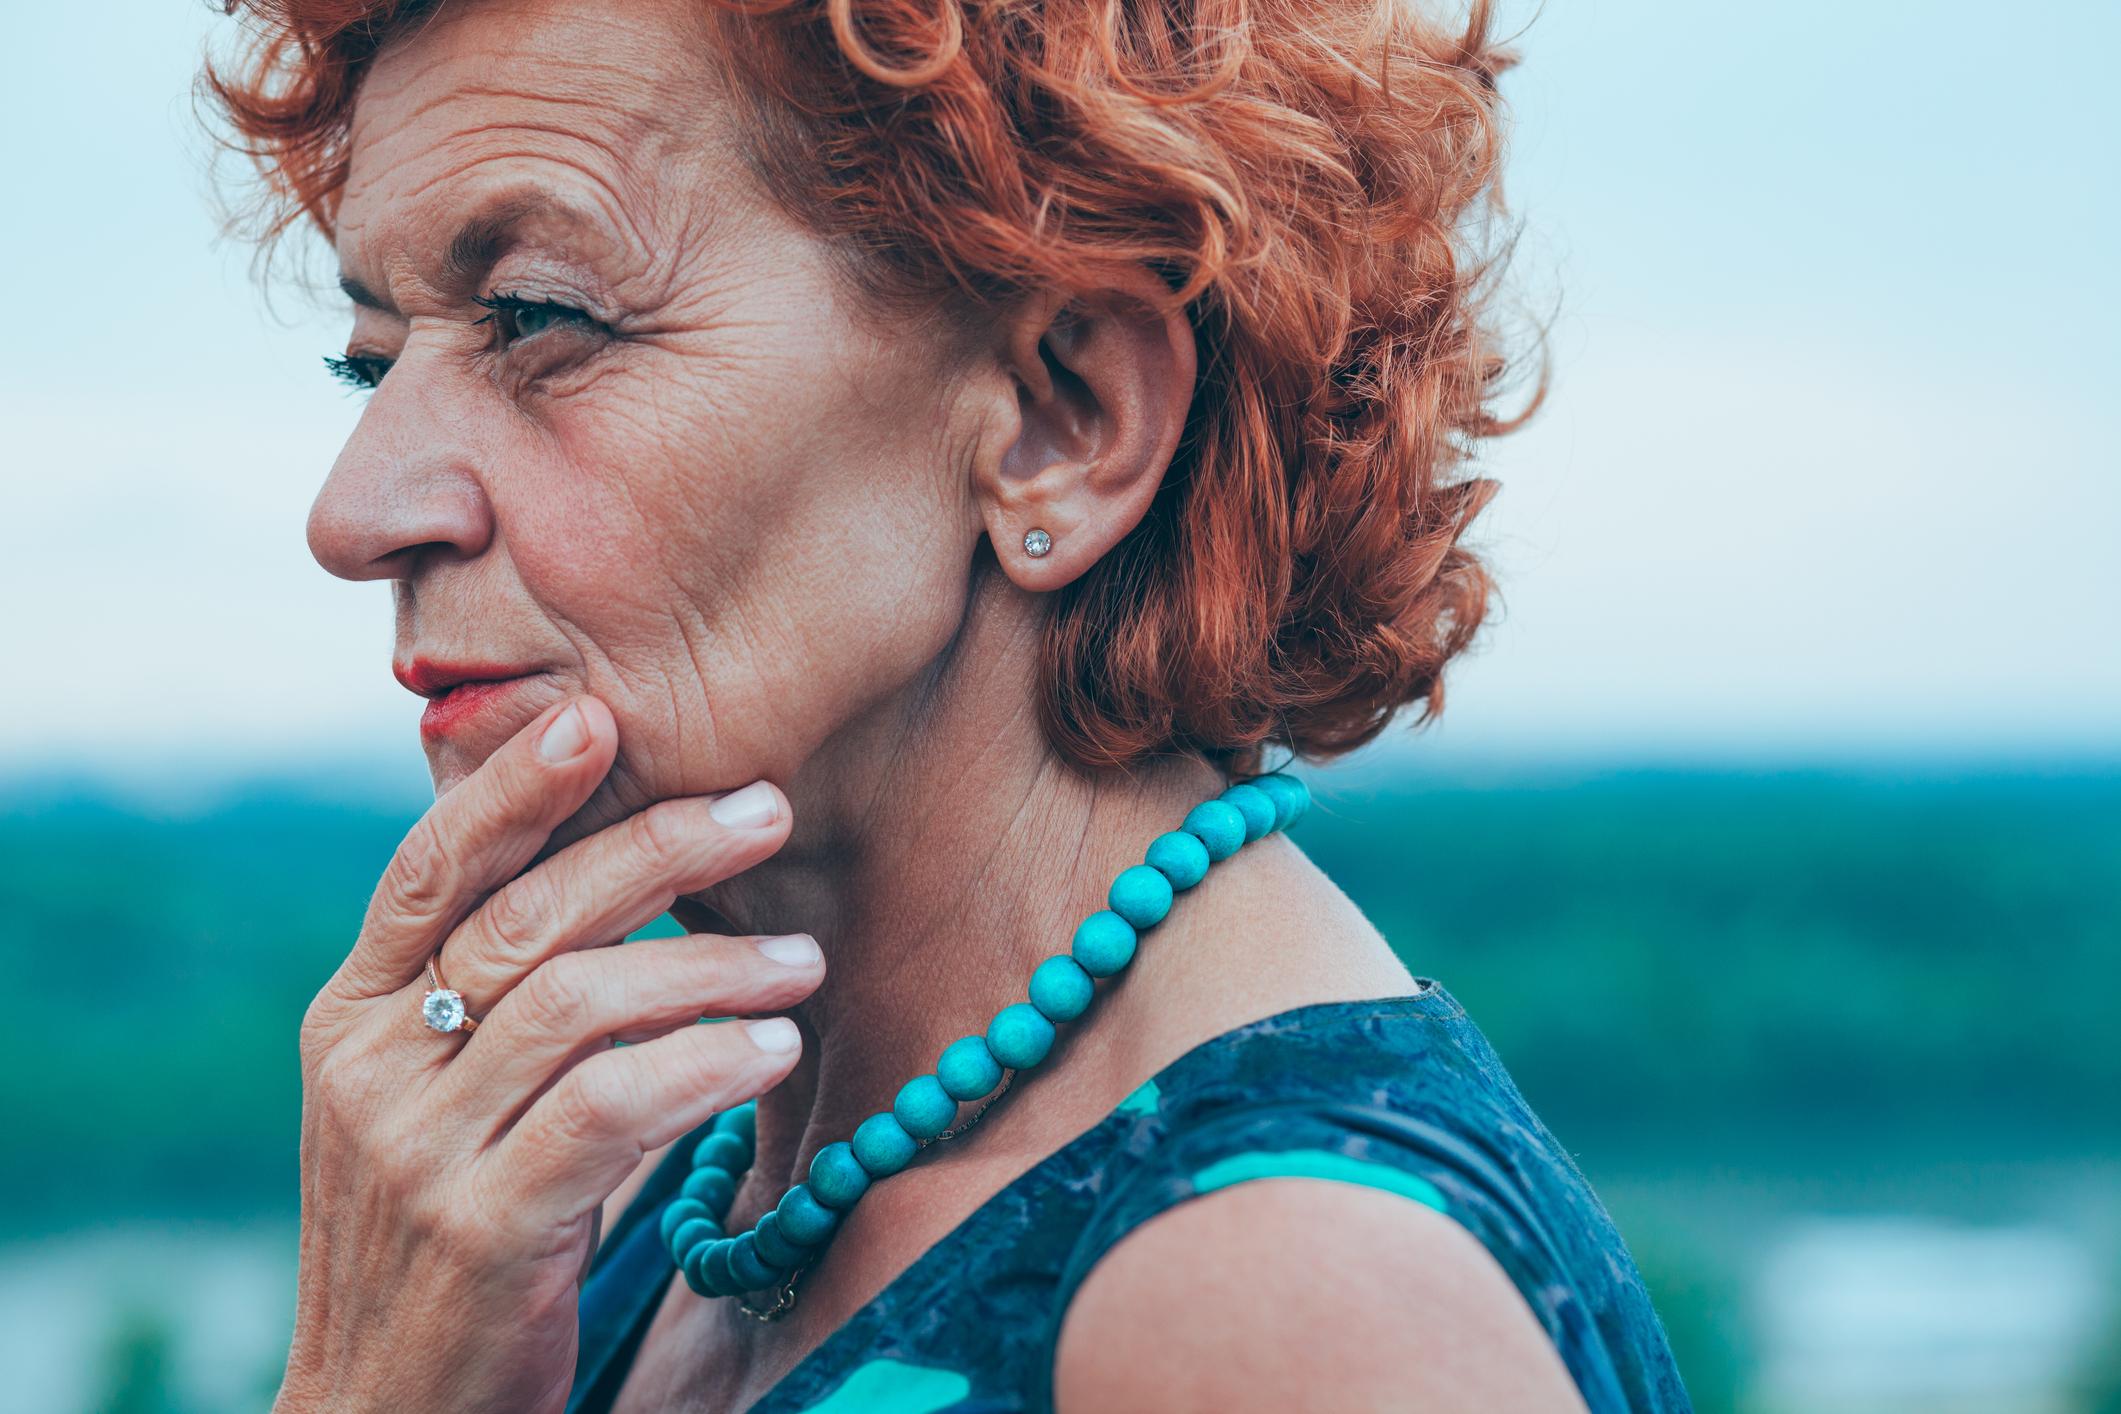 Studija upućuje na to da nisu baš sve negativne emocije same po sebi loše te da u određenim okolnostima mogu postati korisne.